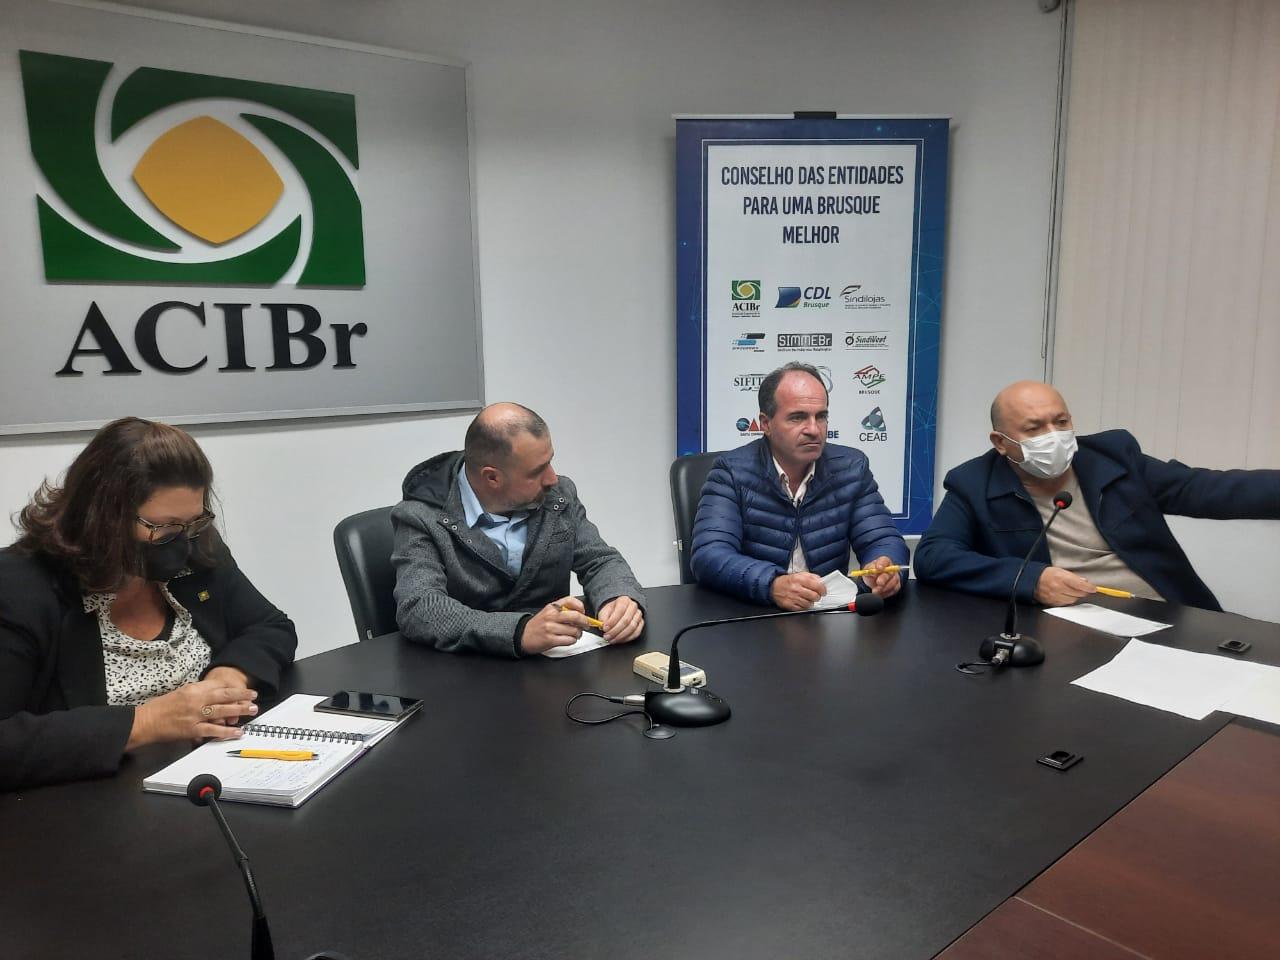 Novo acesso Brusque / Guabiruba é discutido na Acibr